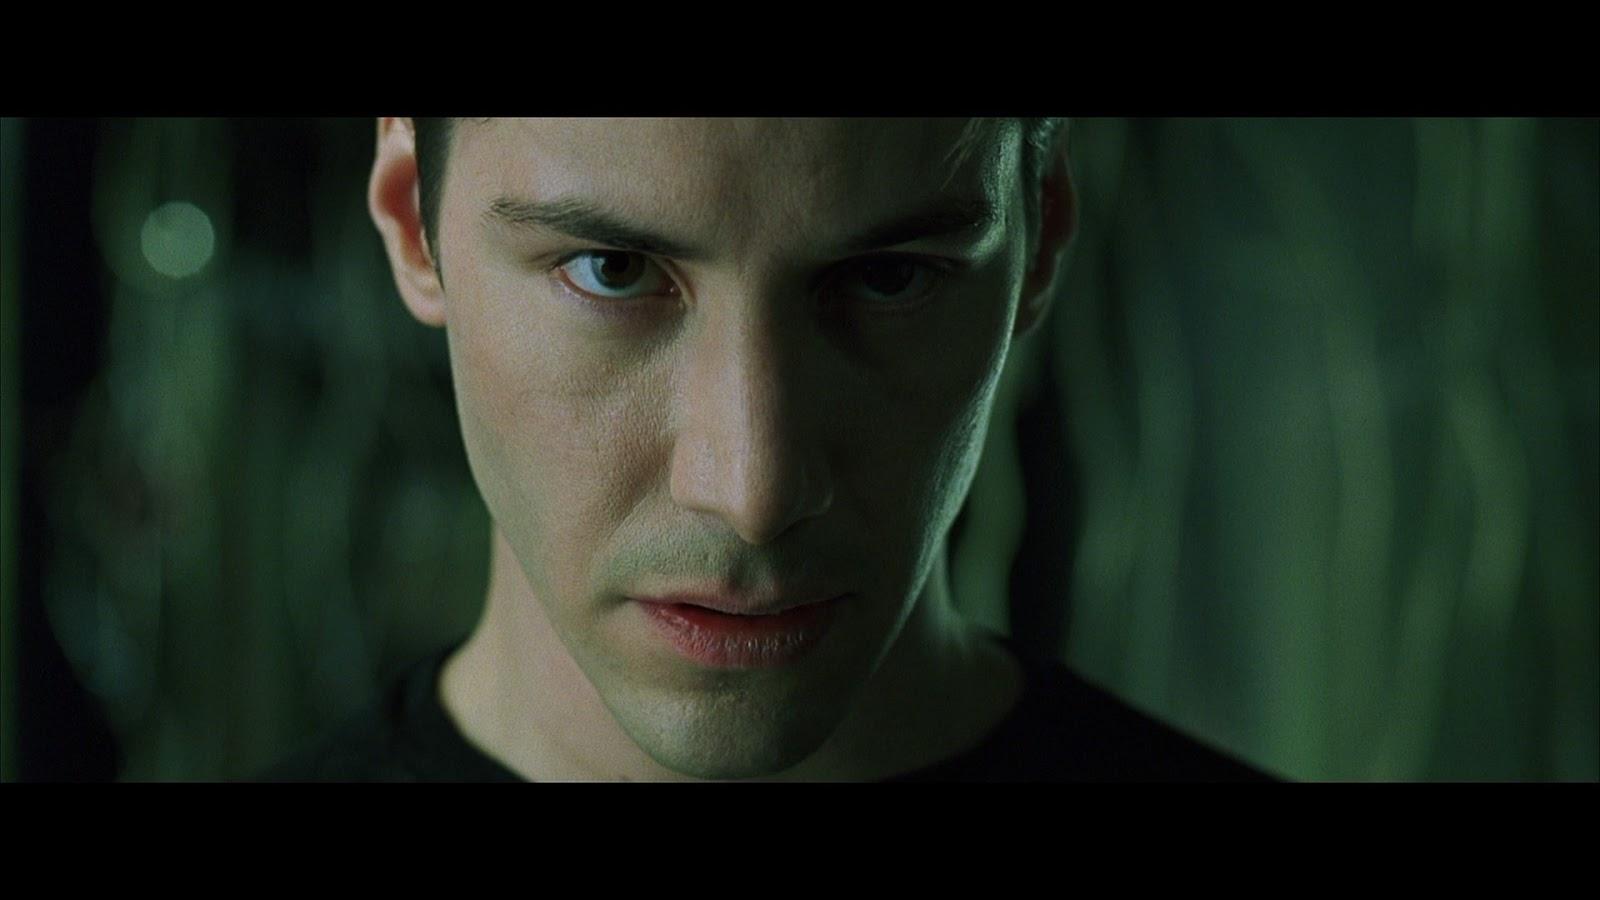 http://2.bp.blogspot.com/-fU1ucRe7BMg/T6rLQ4tyASI/AAAAAAAAAno/-sN0ydfKNq8/s1600/The+Matrix+Keanu+Reeves+Neo.jpg